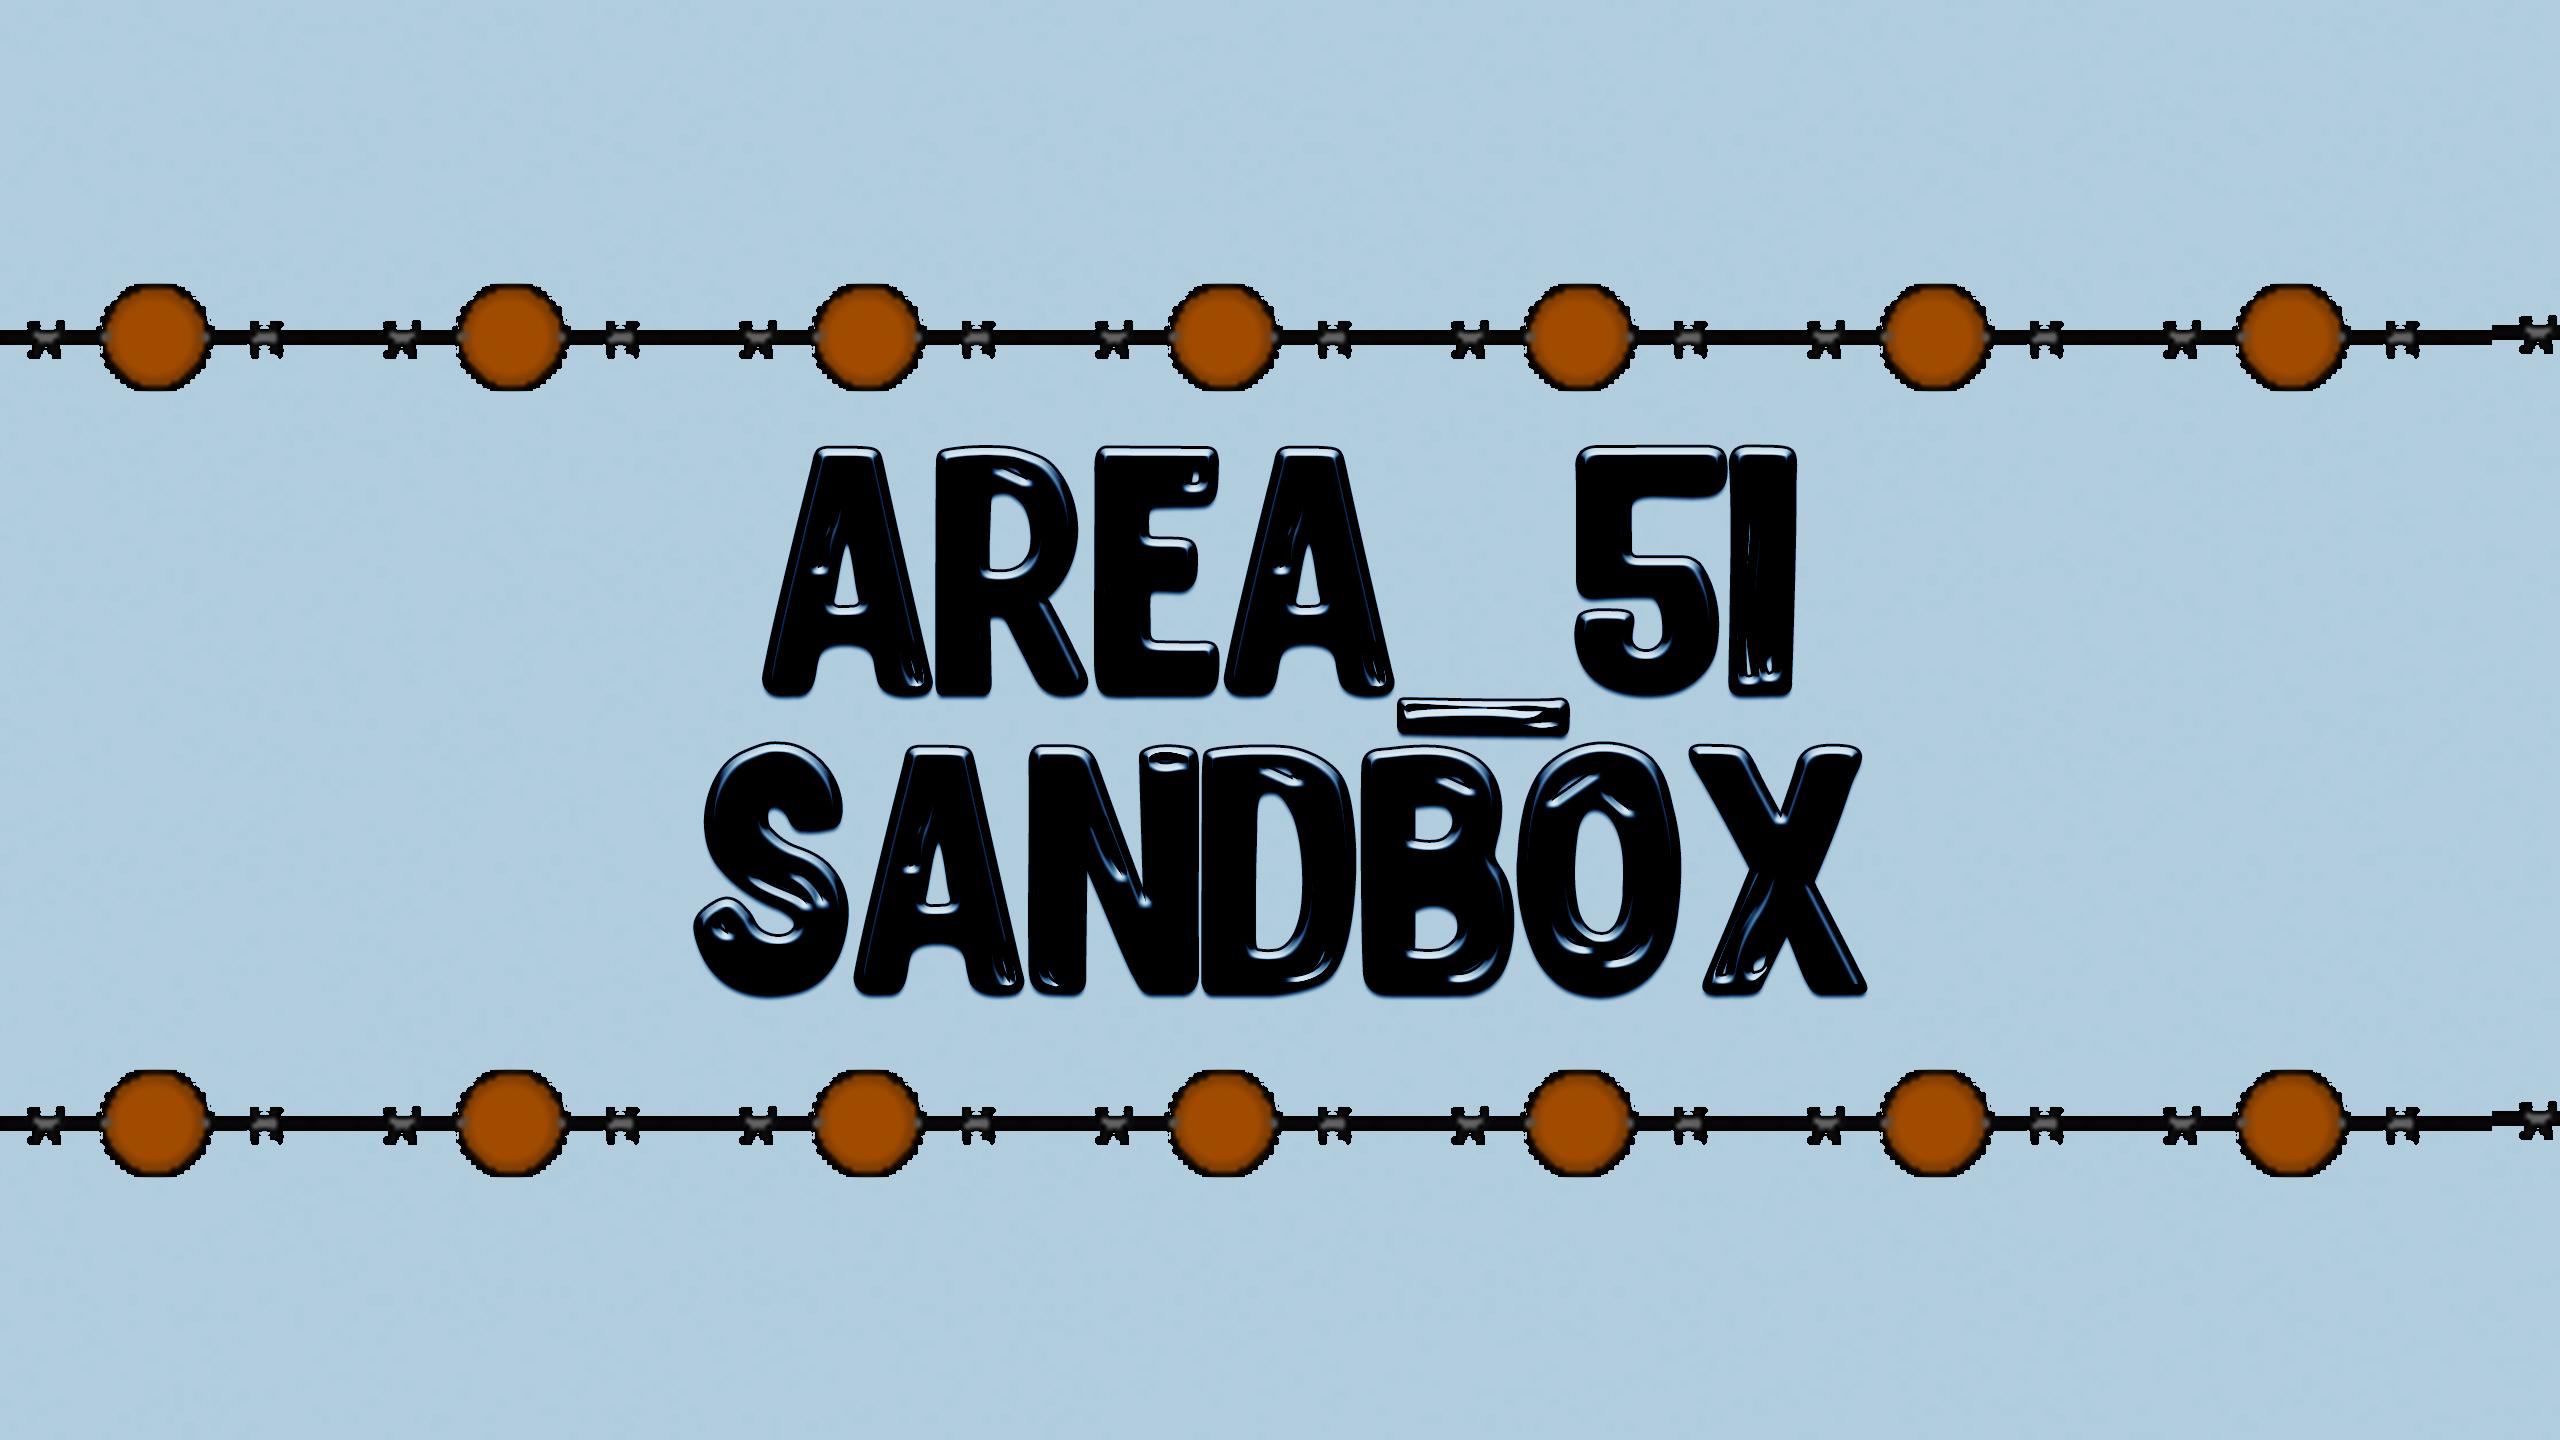 Area51 SANDBOX